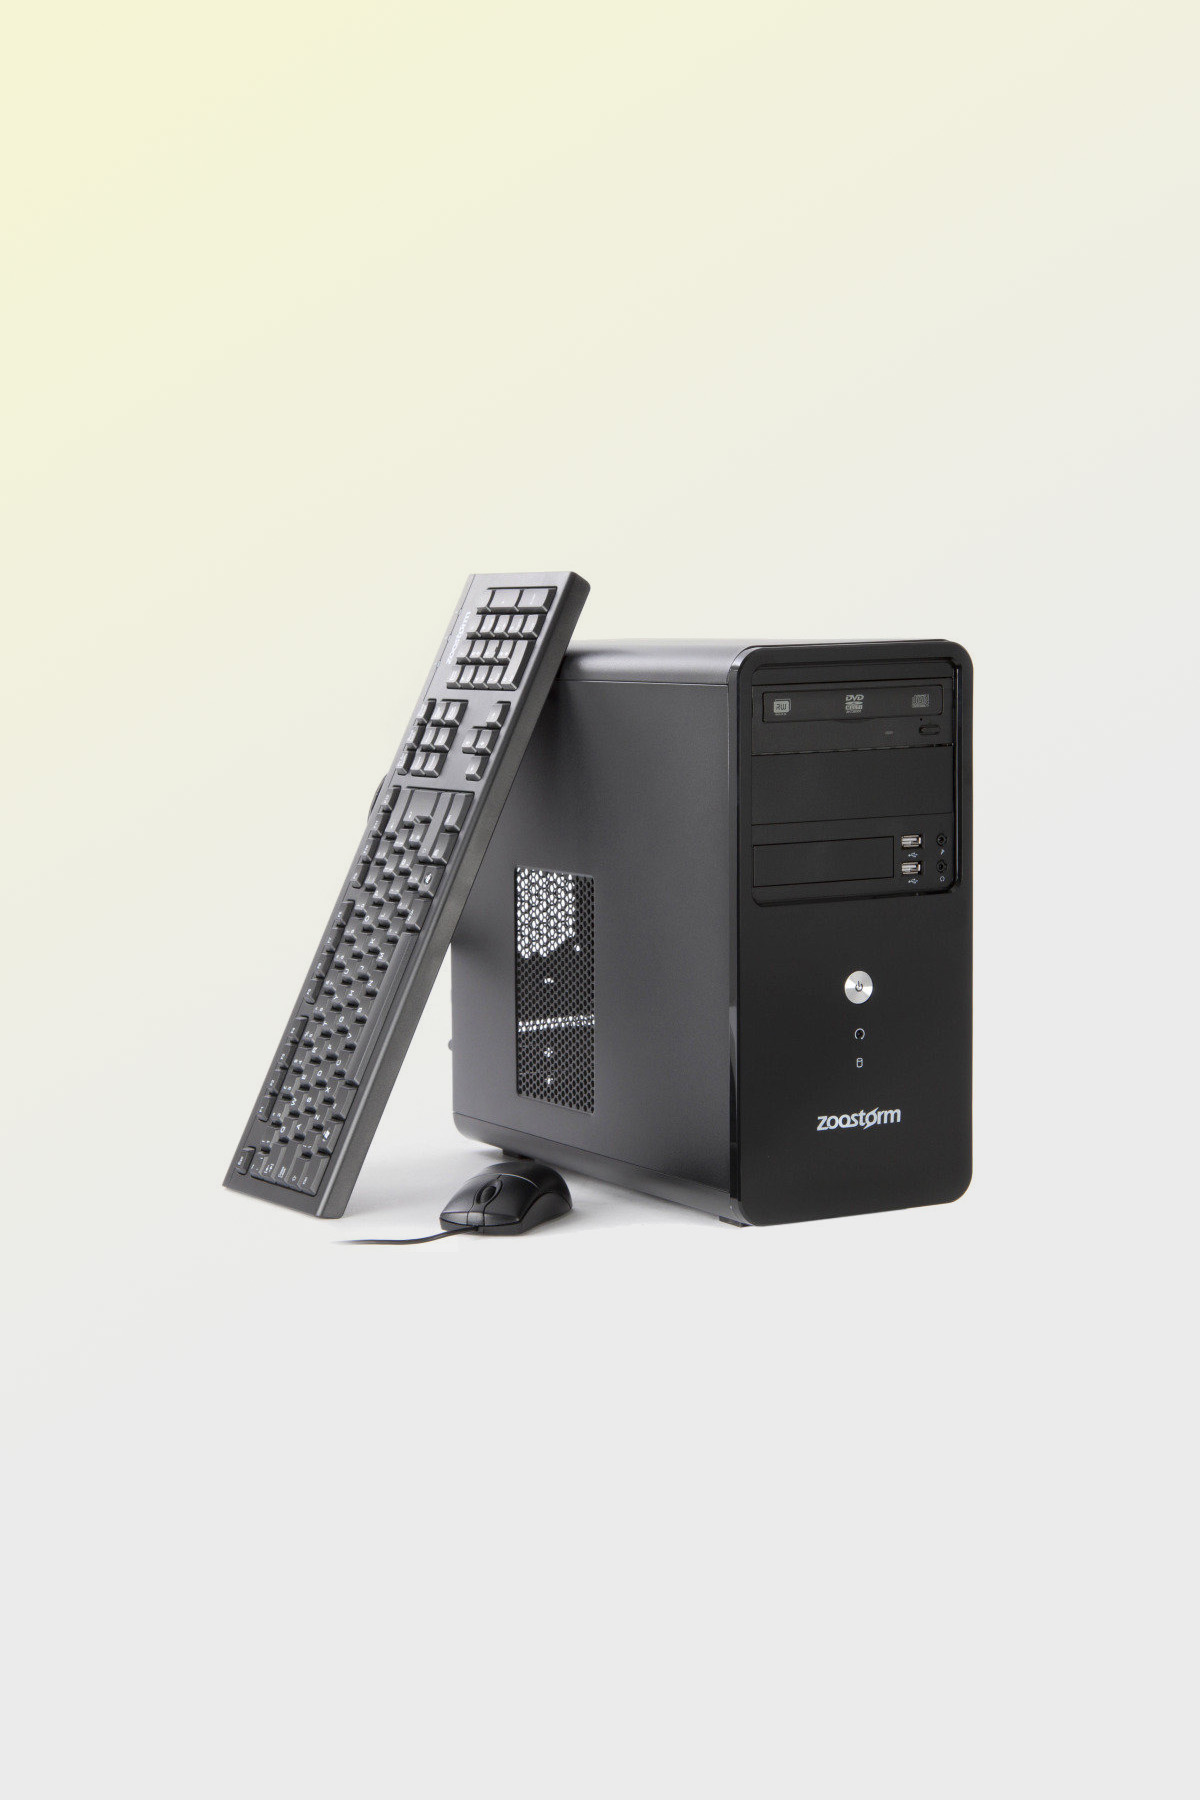 Zoostorm Amd A4 Desktop PC